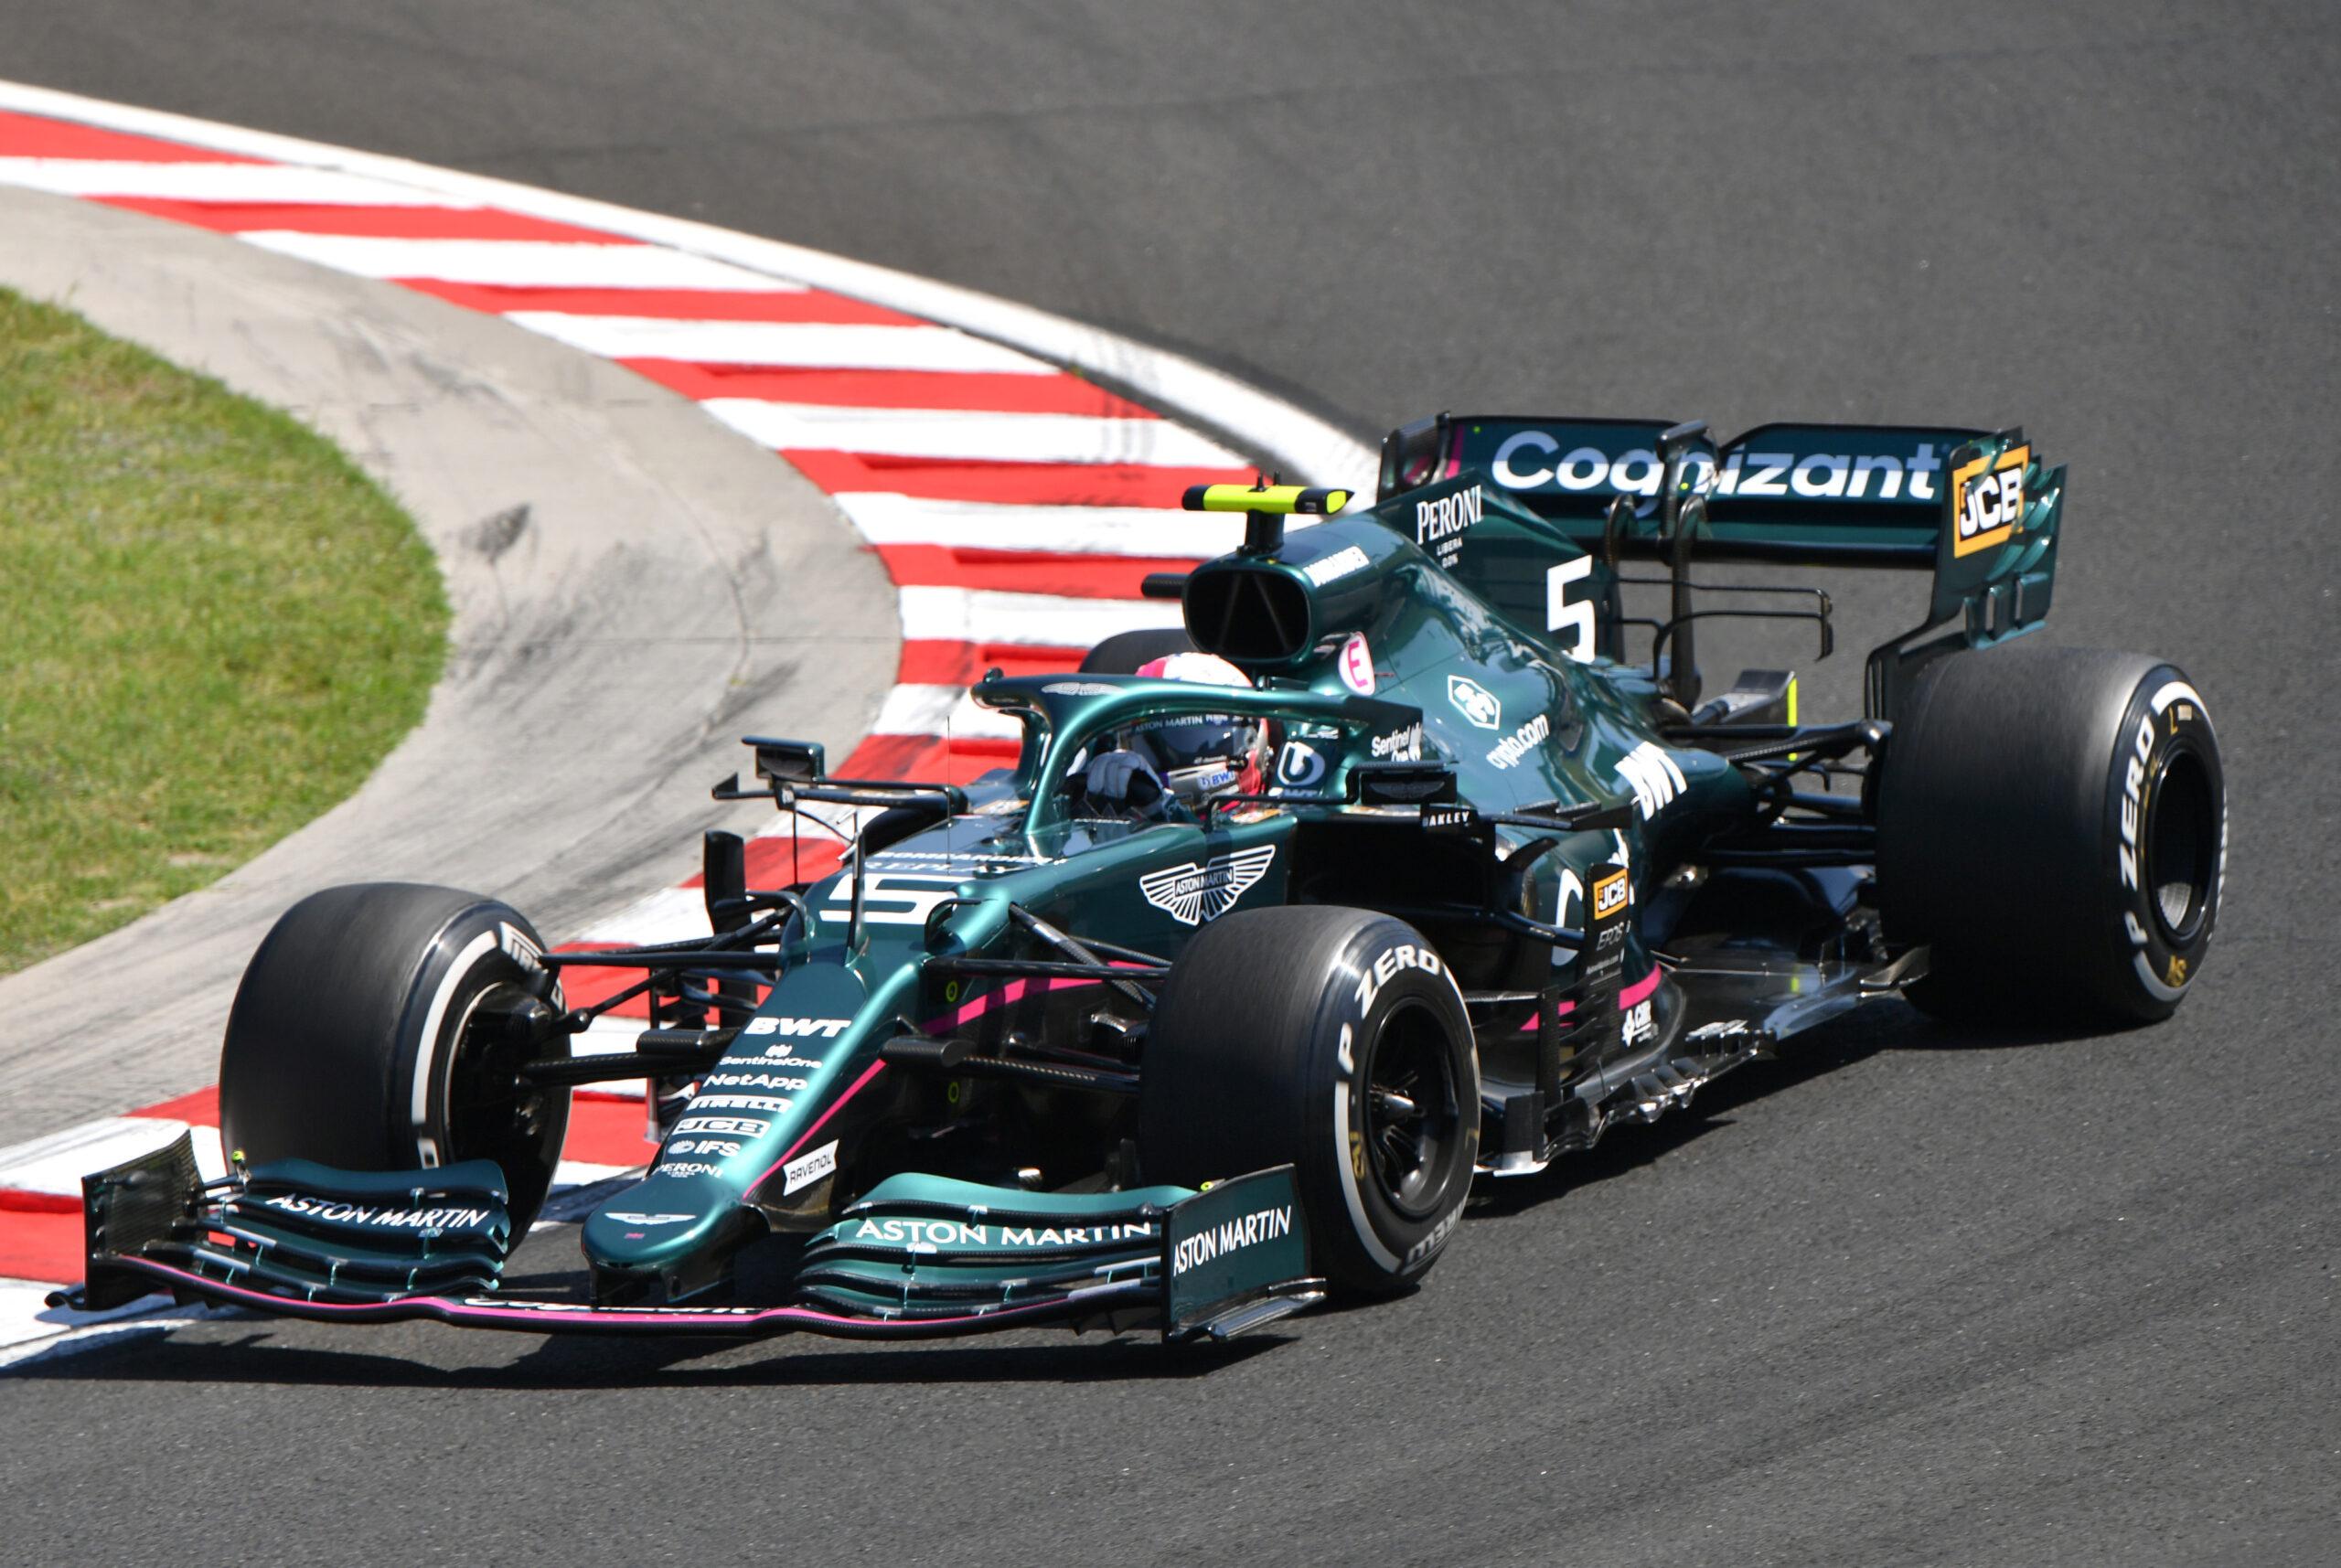 F1 - Officiel : l'Aston Martin de Vettel placée sous scellé